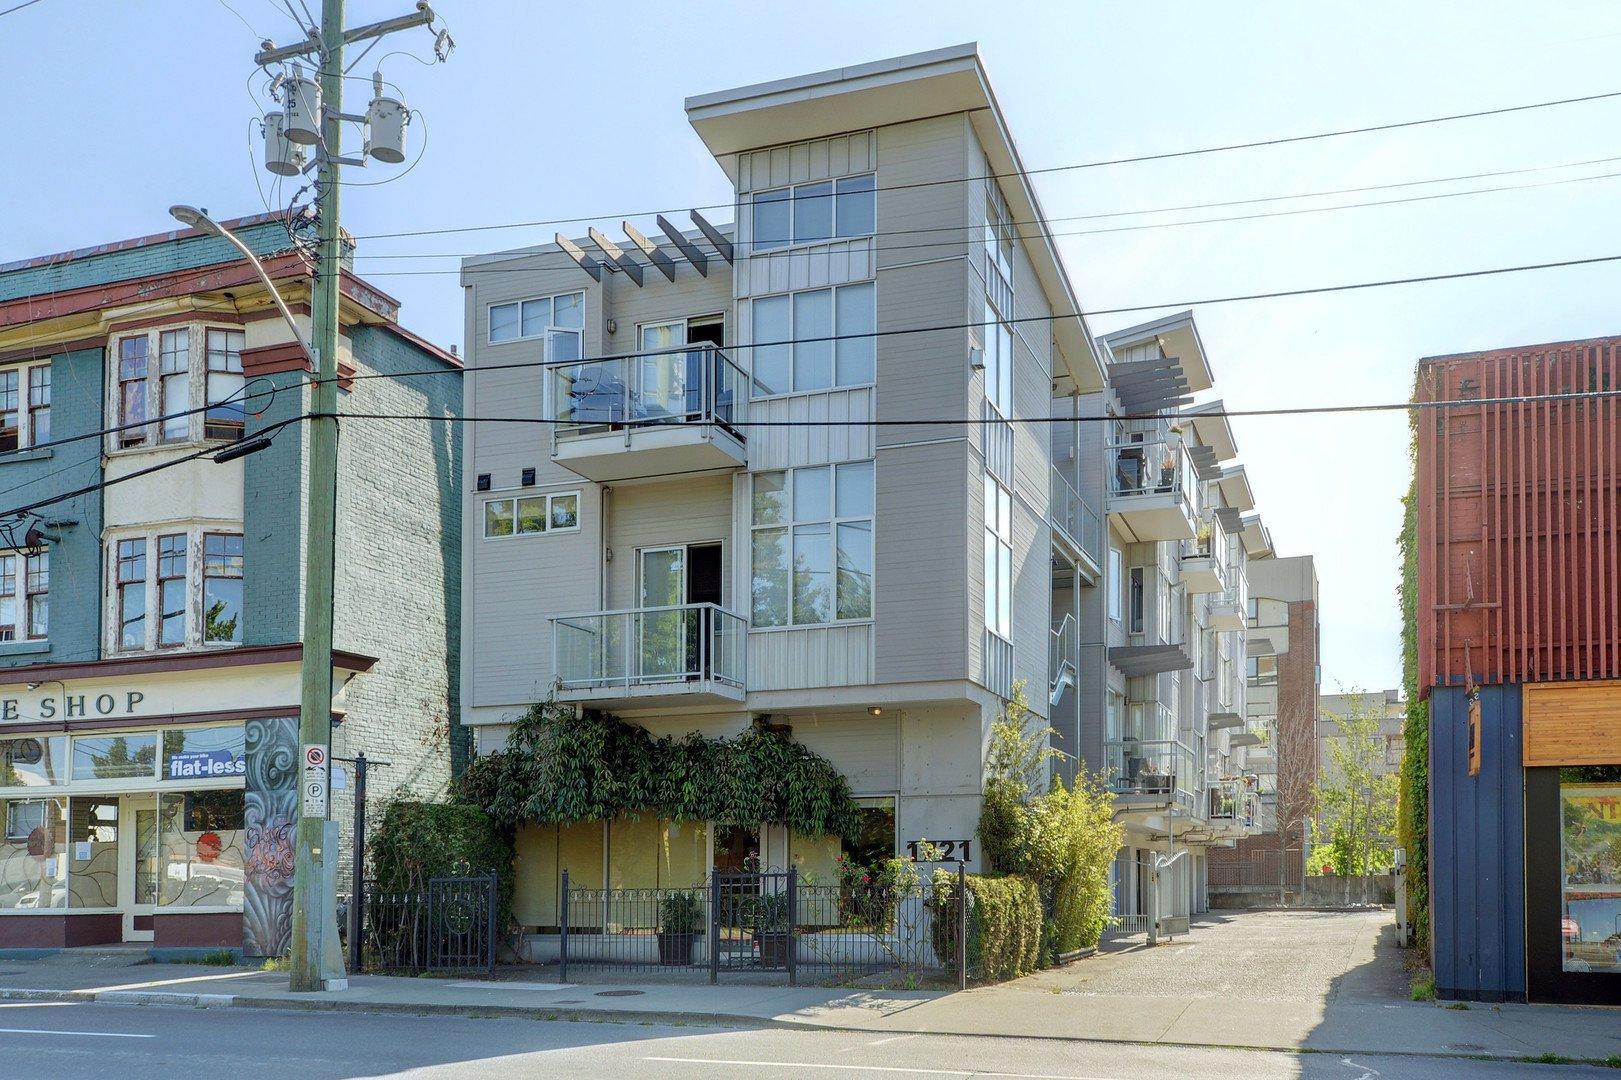 Main Photo: 305 1721 Quadra St in VICTORIA: Vi Central Park Condo Apartment for sale (Victoria)  : MLS®# 793599